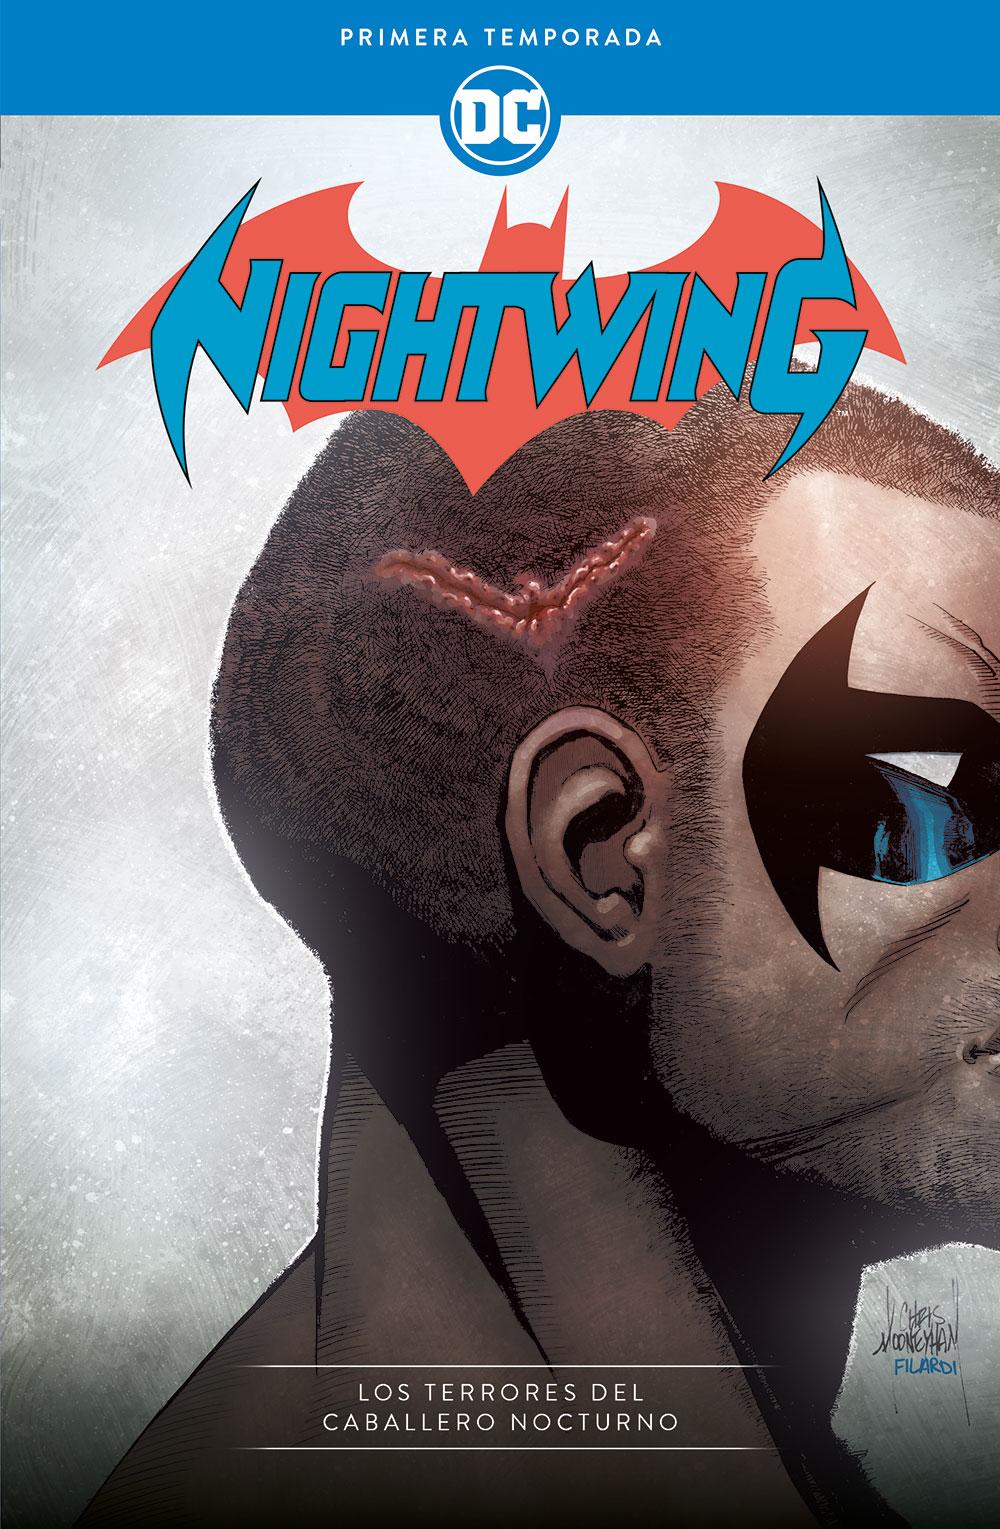 Nightwing: Los terrores del Caballero Nocturno (Primera temporada)